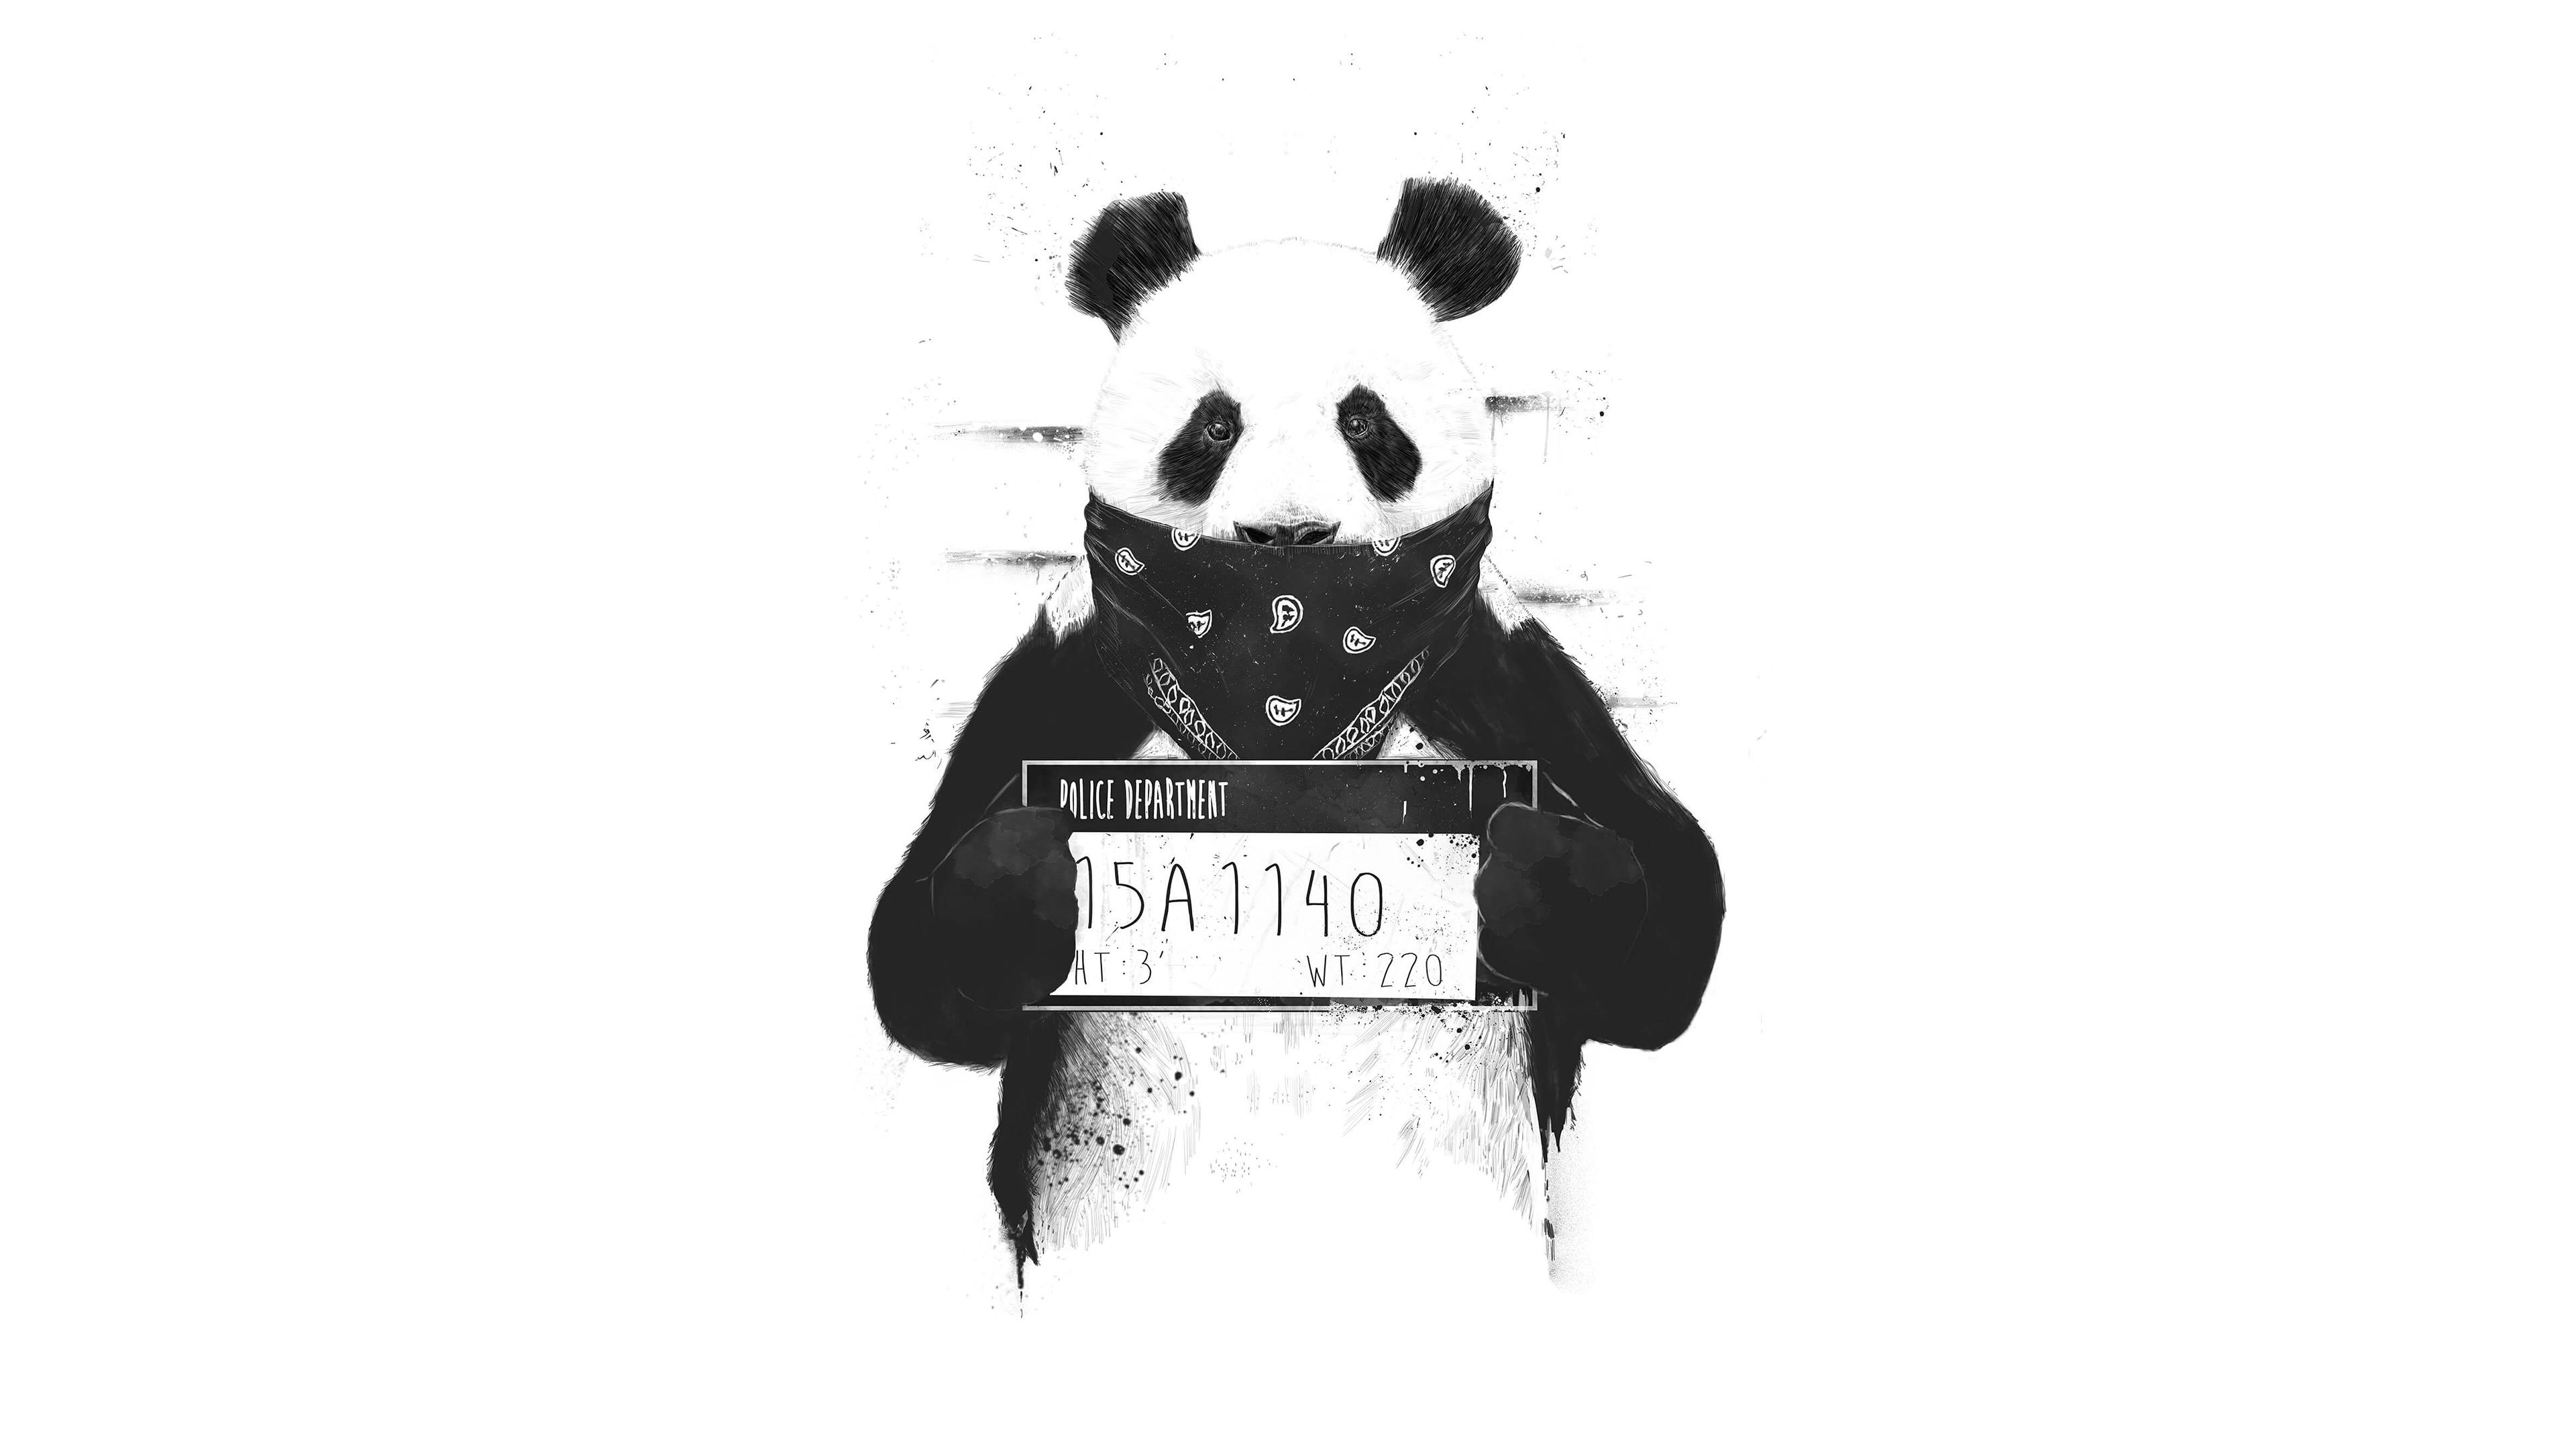 bad panda 4k 1551641511 - Bad Panda 4k - panda wallpapers, monochrome wallpapers, digital art wallpapers, black and white wallpapers, artwork wallpapers, artist wallpapers, 4k-wallpapers